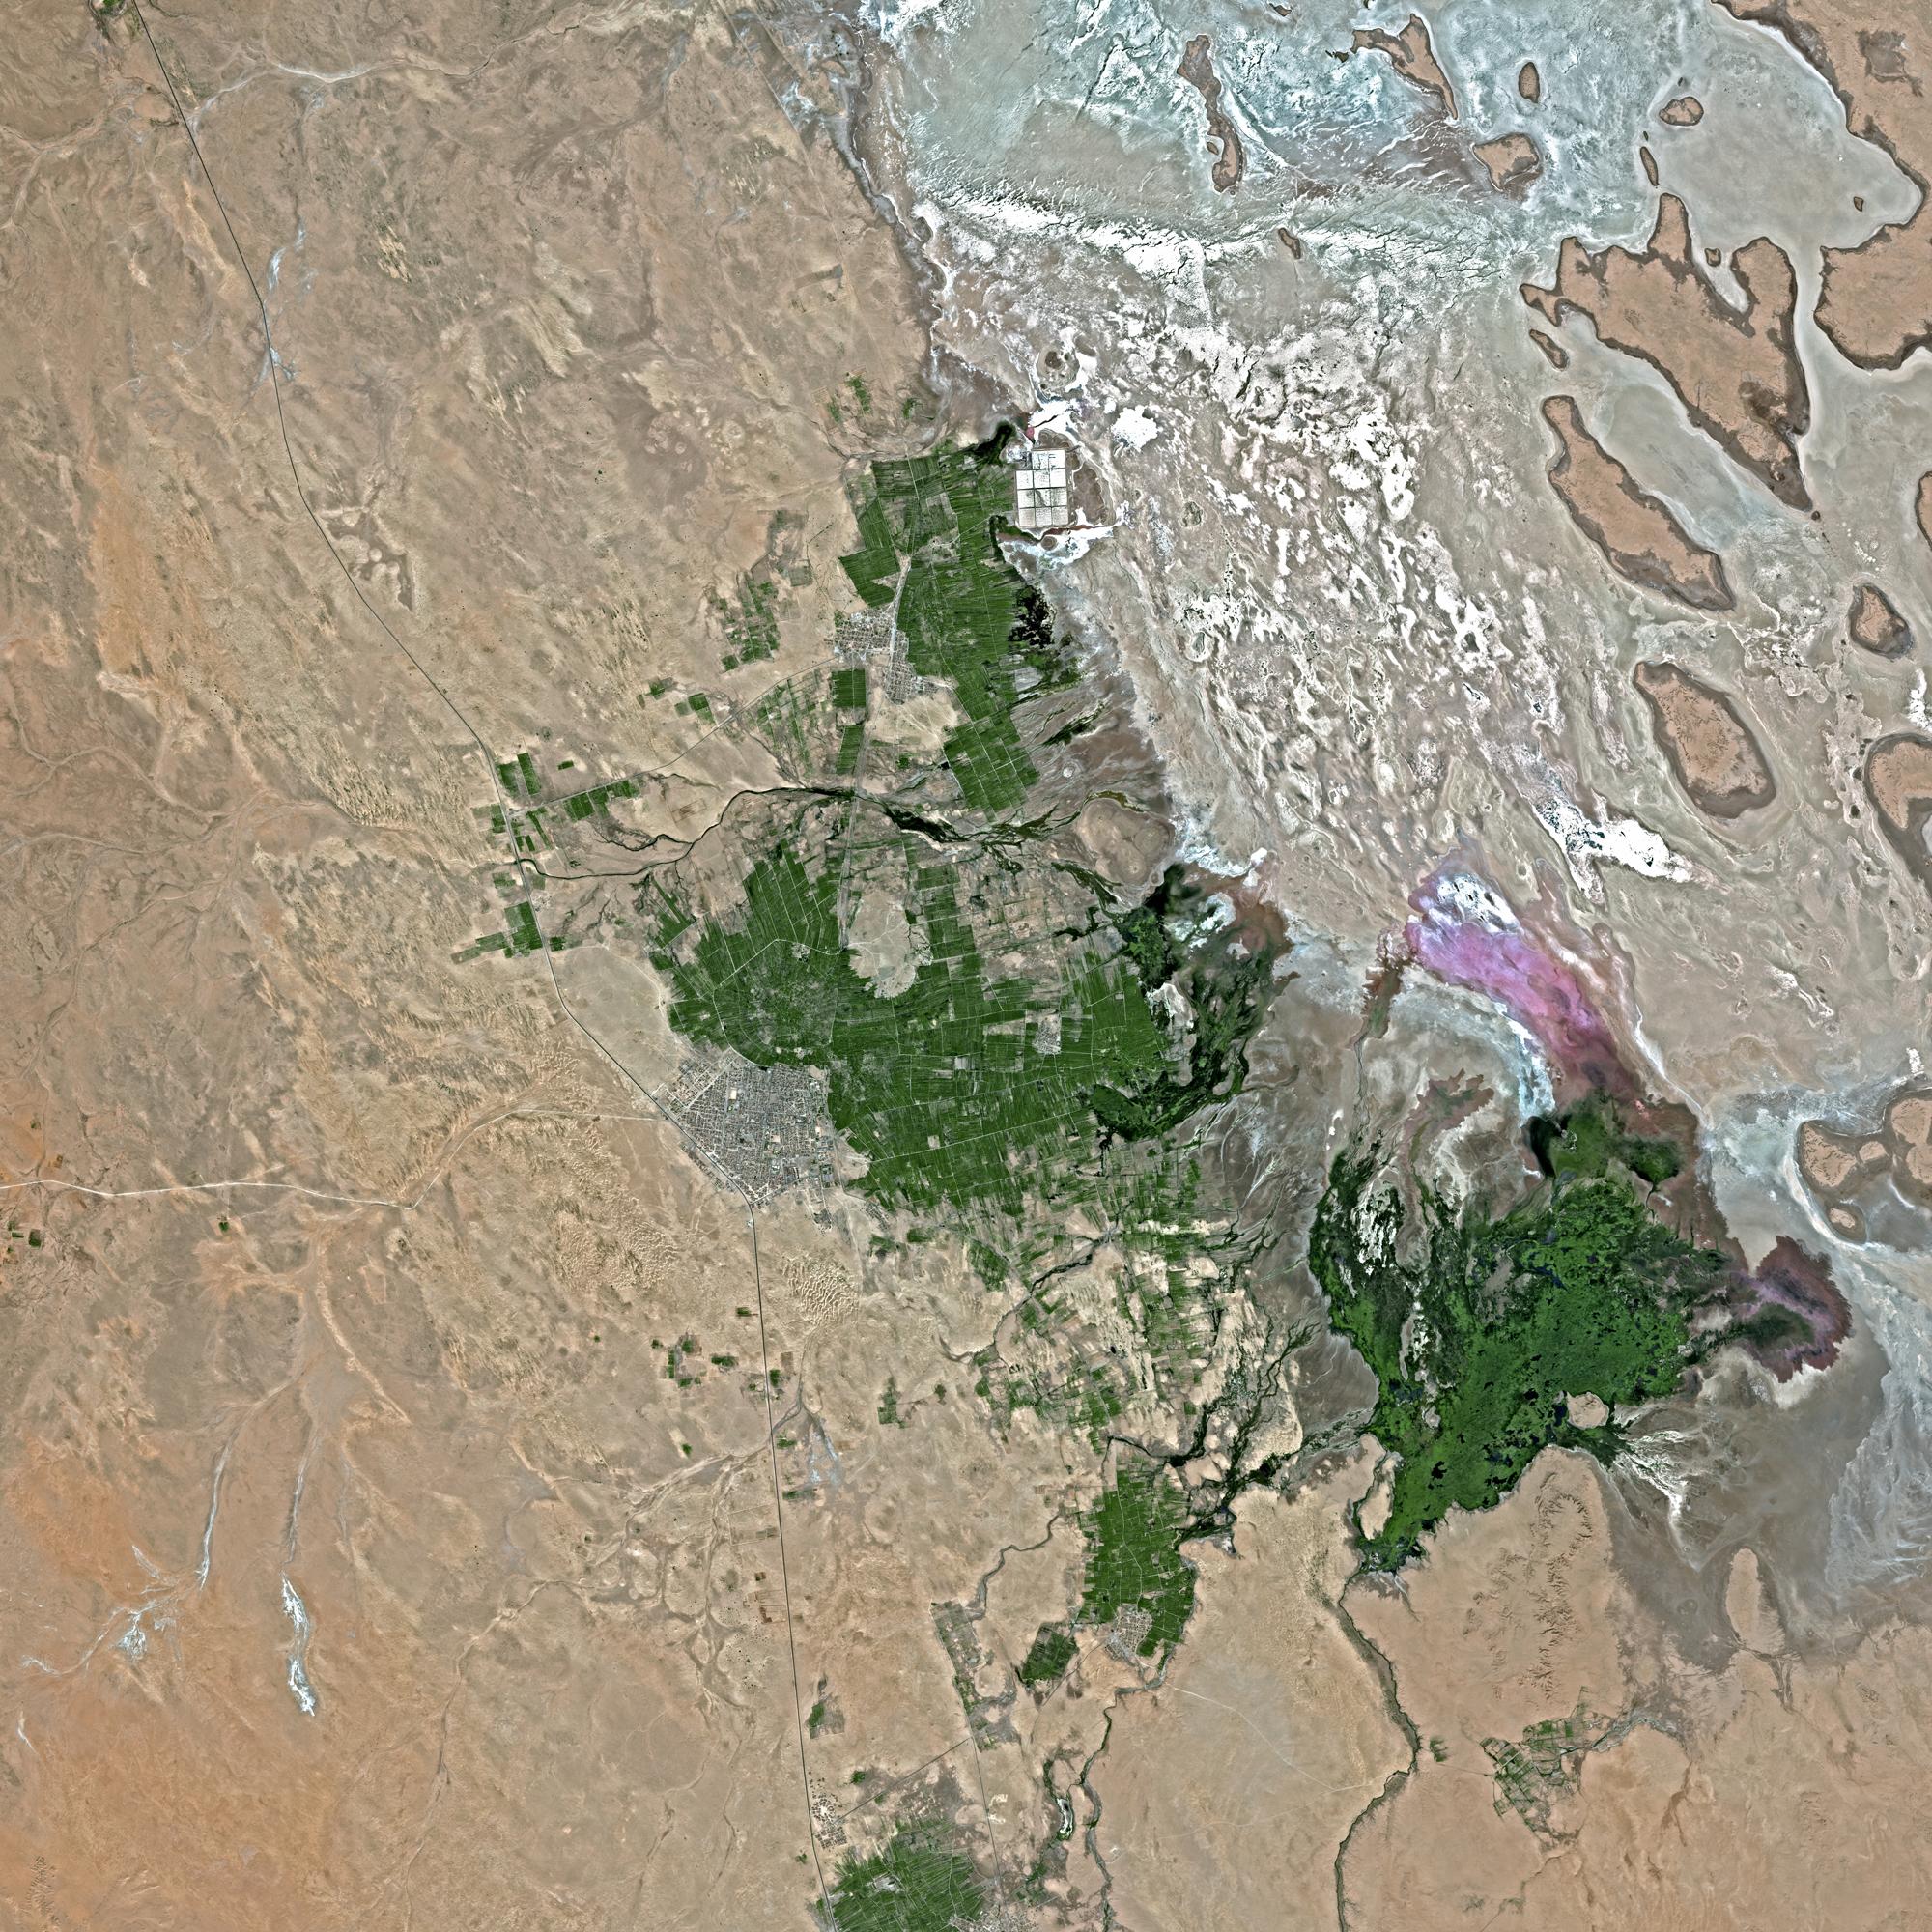 Image satellite SPOT 5 - Chott Melrhir, Alg�rie